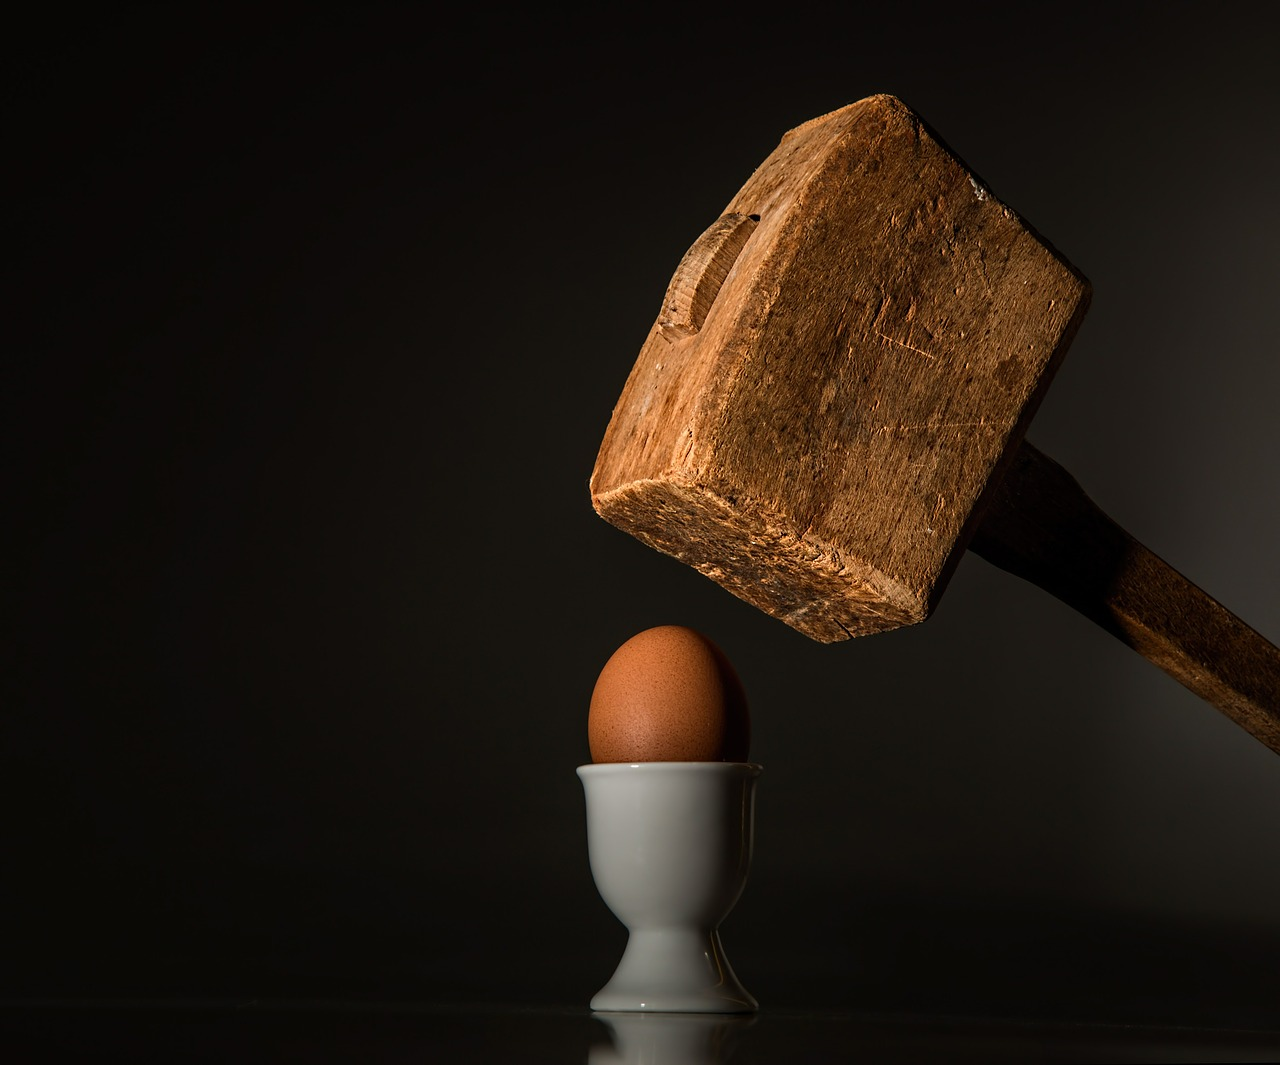 egg-583163_1280.jpg